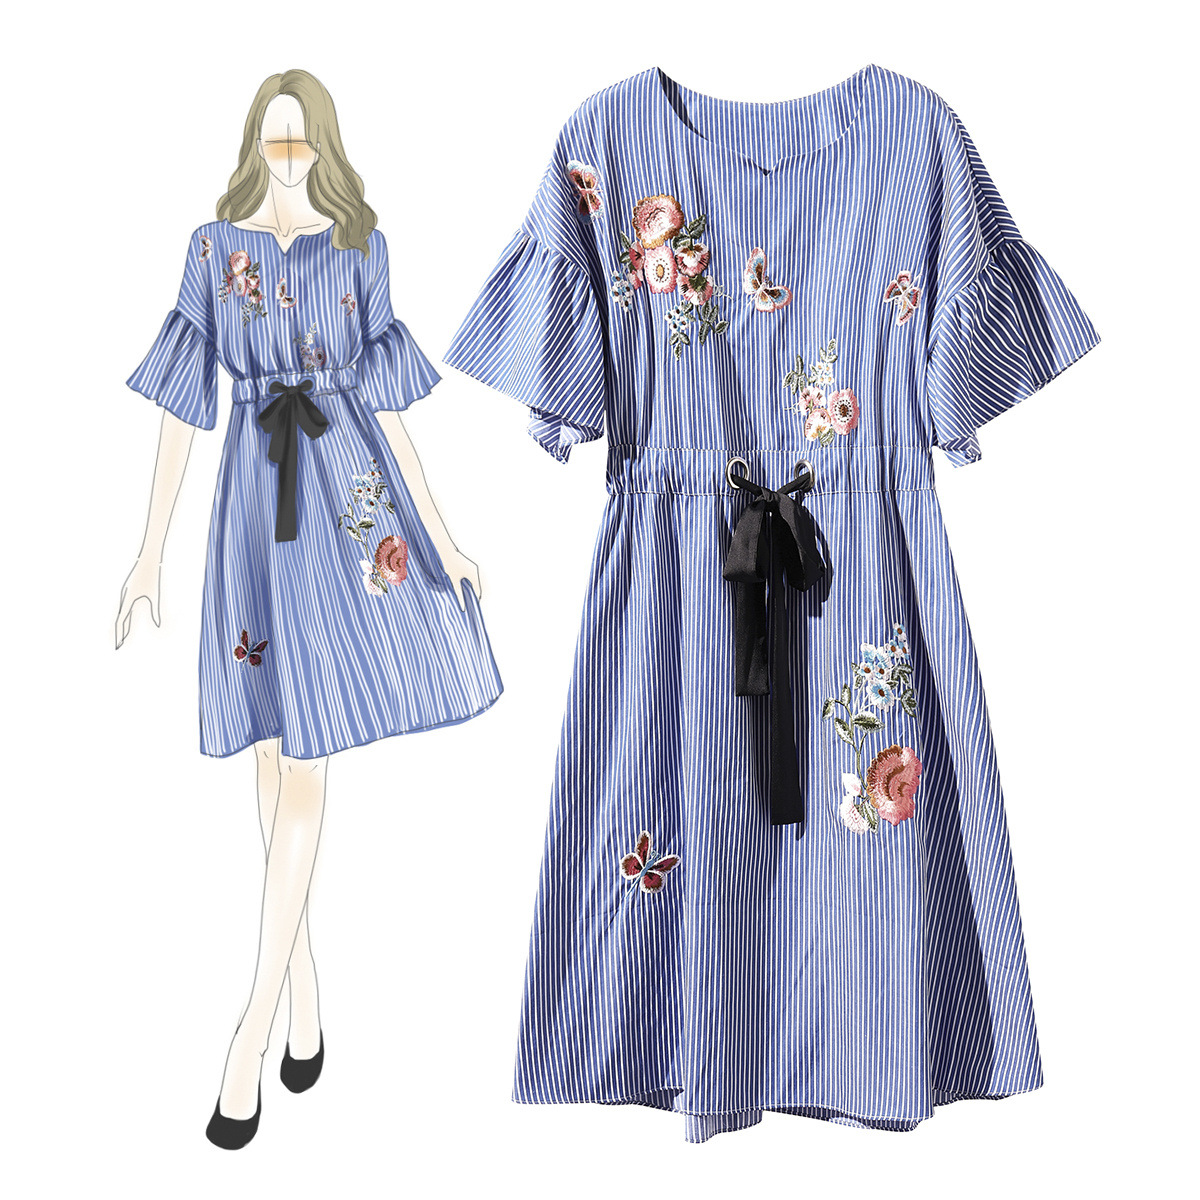 Conception Unique mode dame printemps nouvelle robe rayée coton broderie été Boutique robes pour les femmes